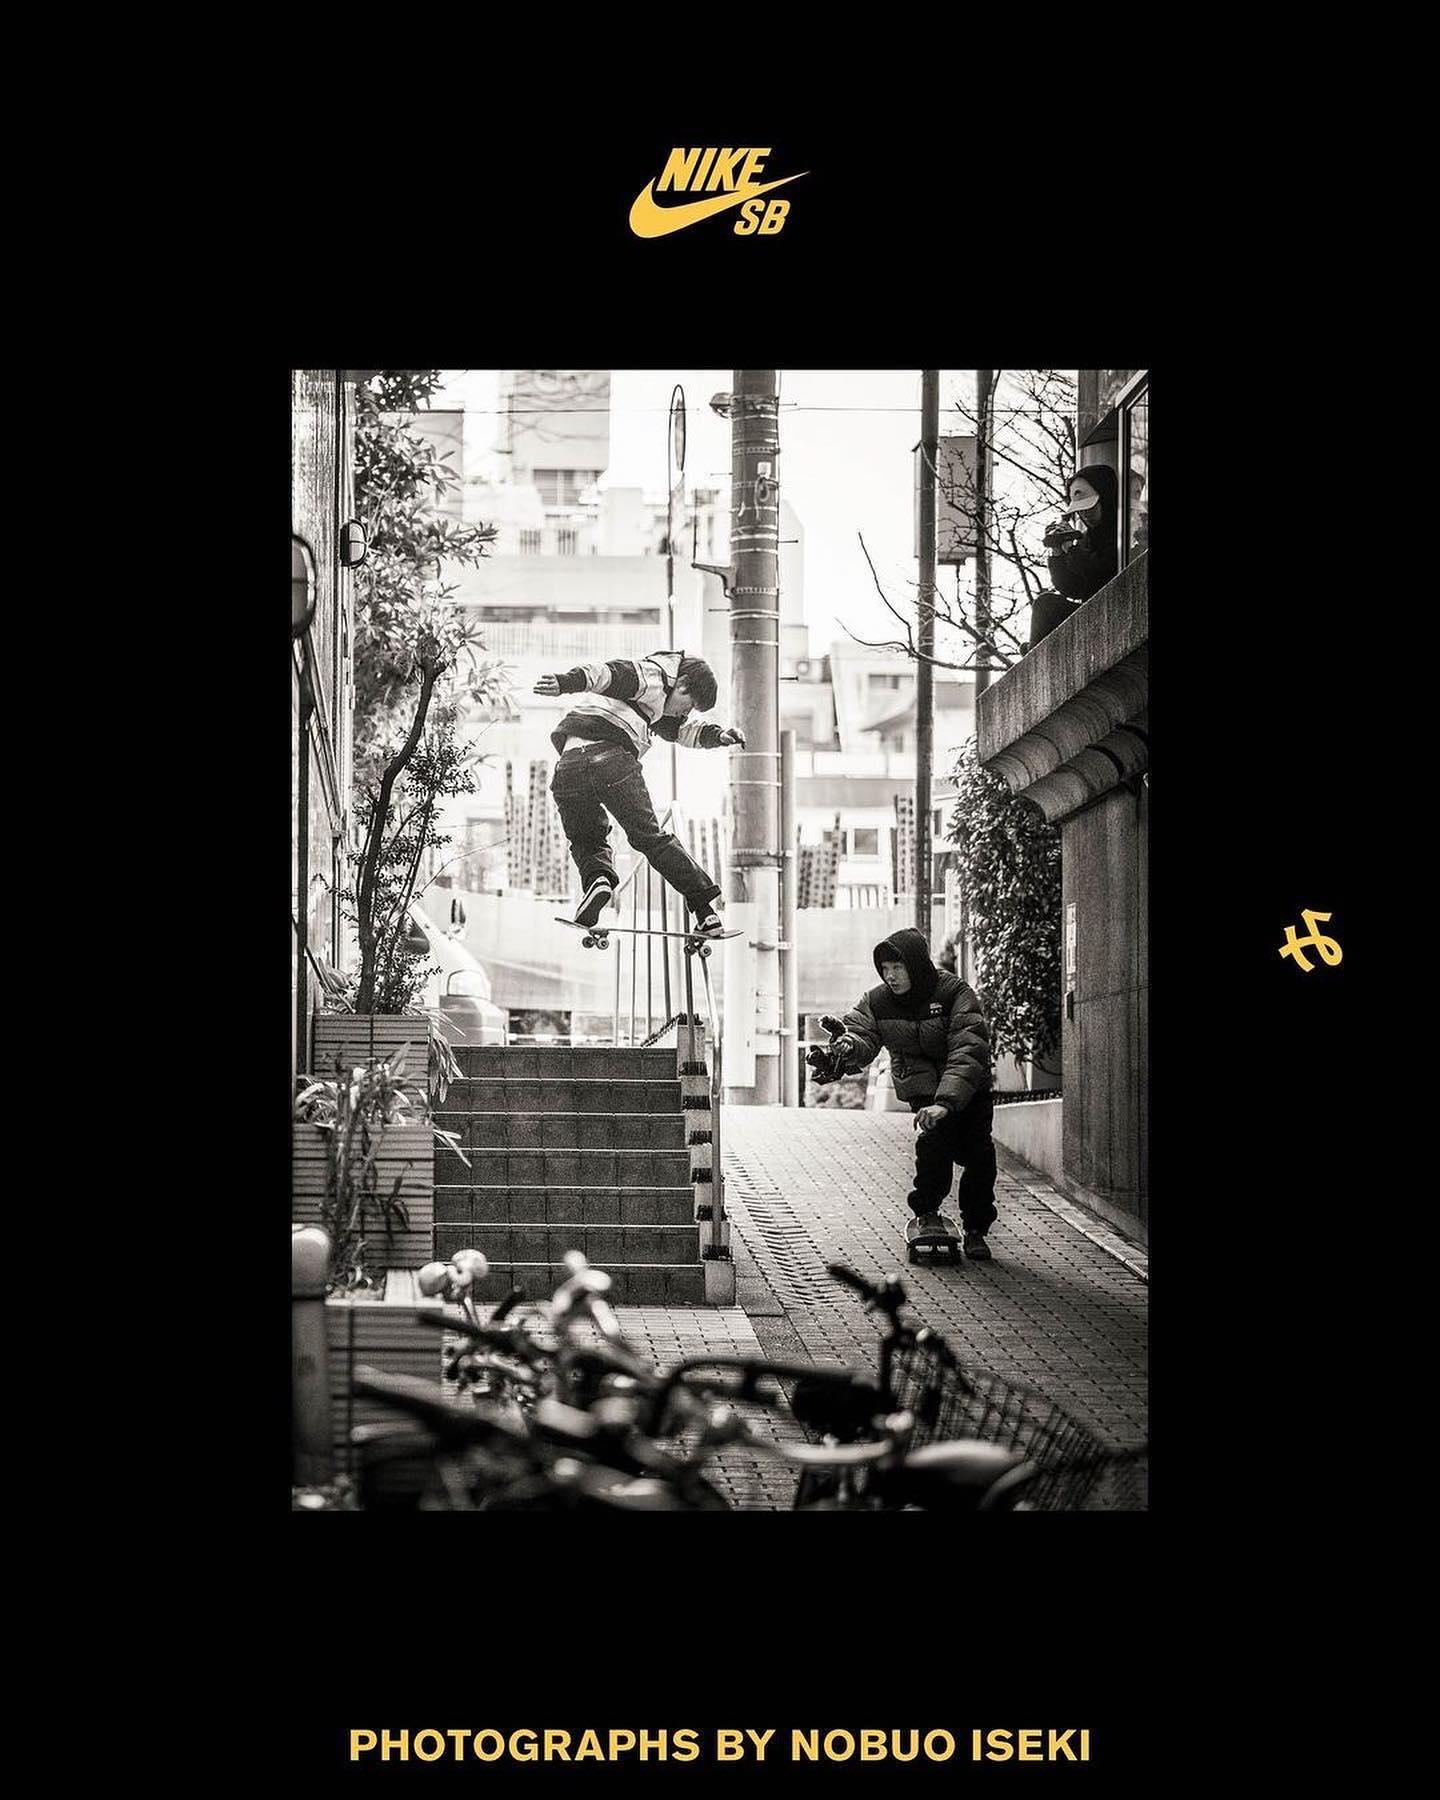 【8月16日(月)発売】『つまみ:TSUMAMI』スケートボード界屈指のフォトグラファー 井関 信雄氏 @nobuoiseki が約2年間に渡りNike SB Japan のスケーターたちに帯同し、撮影した作品を収めたフォトブック『つまみ:TSUMAMI』がまもなく発売。東京、大阪、沖縄、台湾等を舞台に撮影された304ページの超大作。スケートやオフショット、風景写真など様々な角度からのリアルなスケートボードが詰まっています。スケーターのみならず、Nike SBファンにとってもアーカイブとして持っておきたい一冊となっております。Instantでは限定カラーカバーのブラックでのお取り扱いとなります。表紙は堀米雄斗のBs 180 Nose Grind. InstantライダーのT4も出演しています。【出演スケーター】池慧野巨 @k_pan_ 堀米雄斗 @yutohorigome 白井空良 @sora_shirai 本橋 瞭 @ryomotohashi 戸倉大鳳 @taihoutokura 北詰隆平 @ryuhei_kitazume 奥野健也 @kenyask8 森中一誠 @isseimorinaka and more guest skaters.────────────────〈Faire〉8/16-8/31の期間中、代官山TSUTAYA 2号館1階アートフロア & 3号館2階Session:にて、「Nobuo Iseki Photo Exhibition」を開催予定︎ 作品展示とともにスケートボードの魅力に浸れる空間、この機会をお見逃しなく。